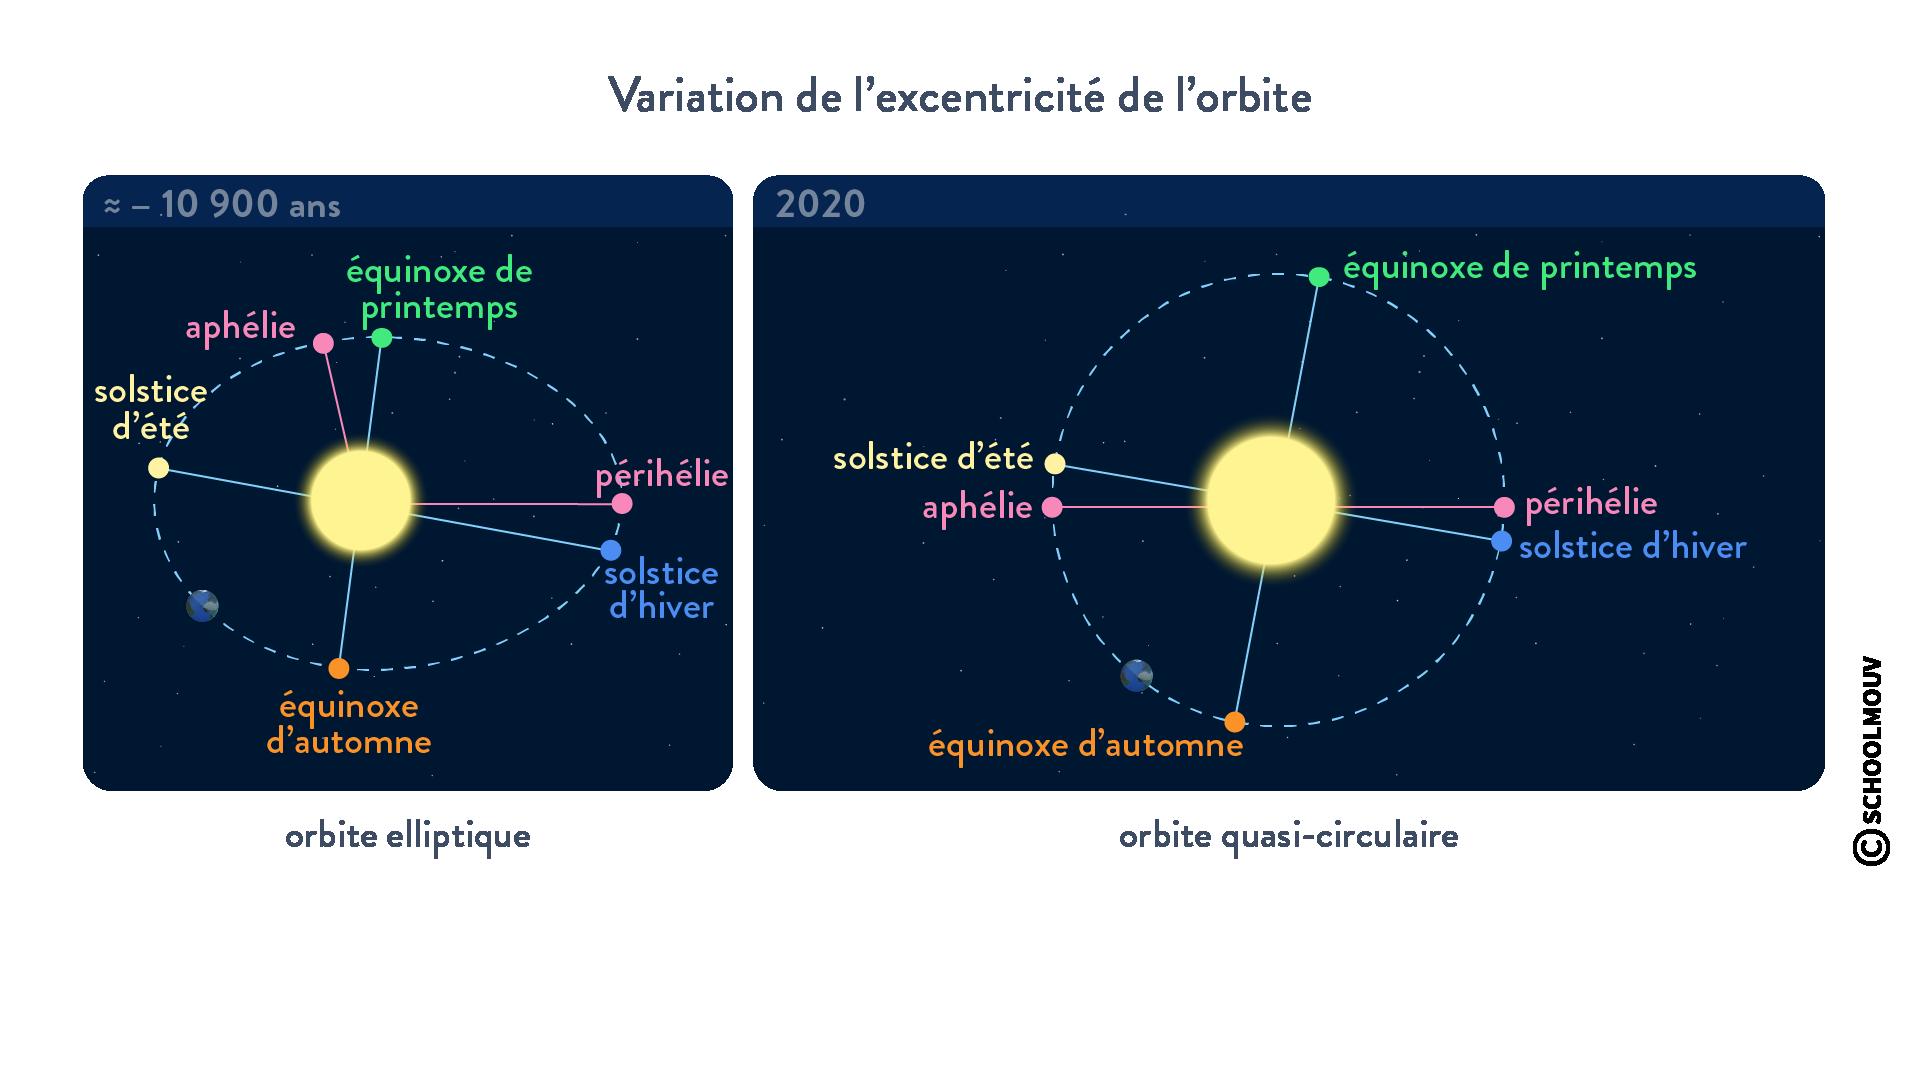 Milankovitch variation de l'excentricité de l'orbite